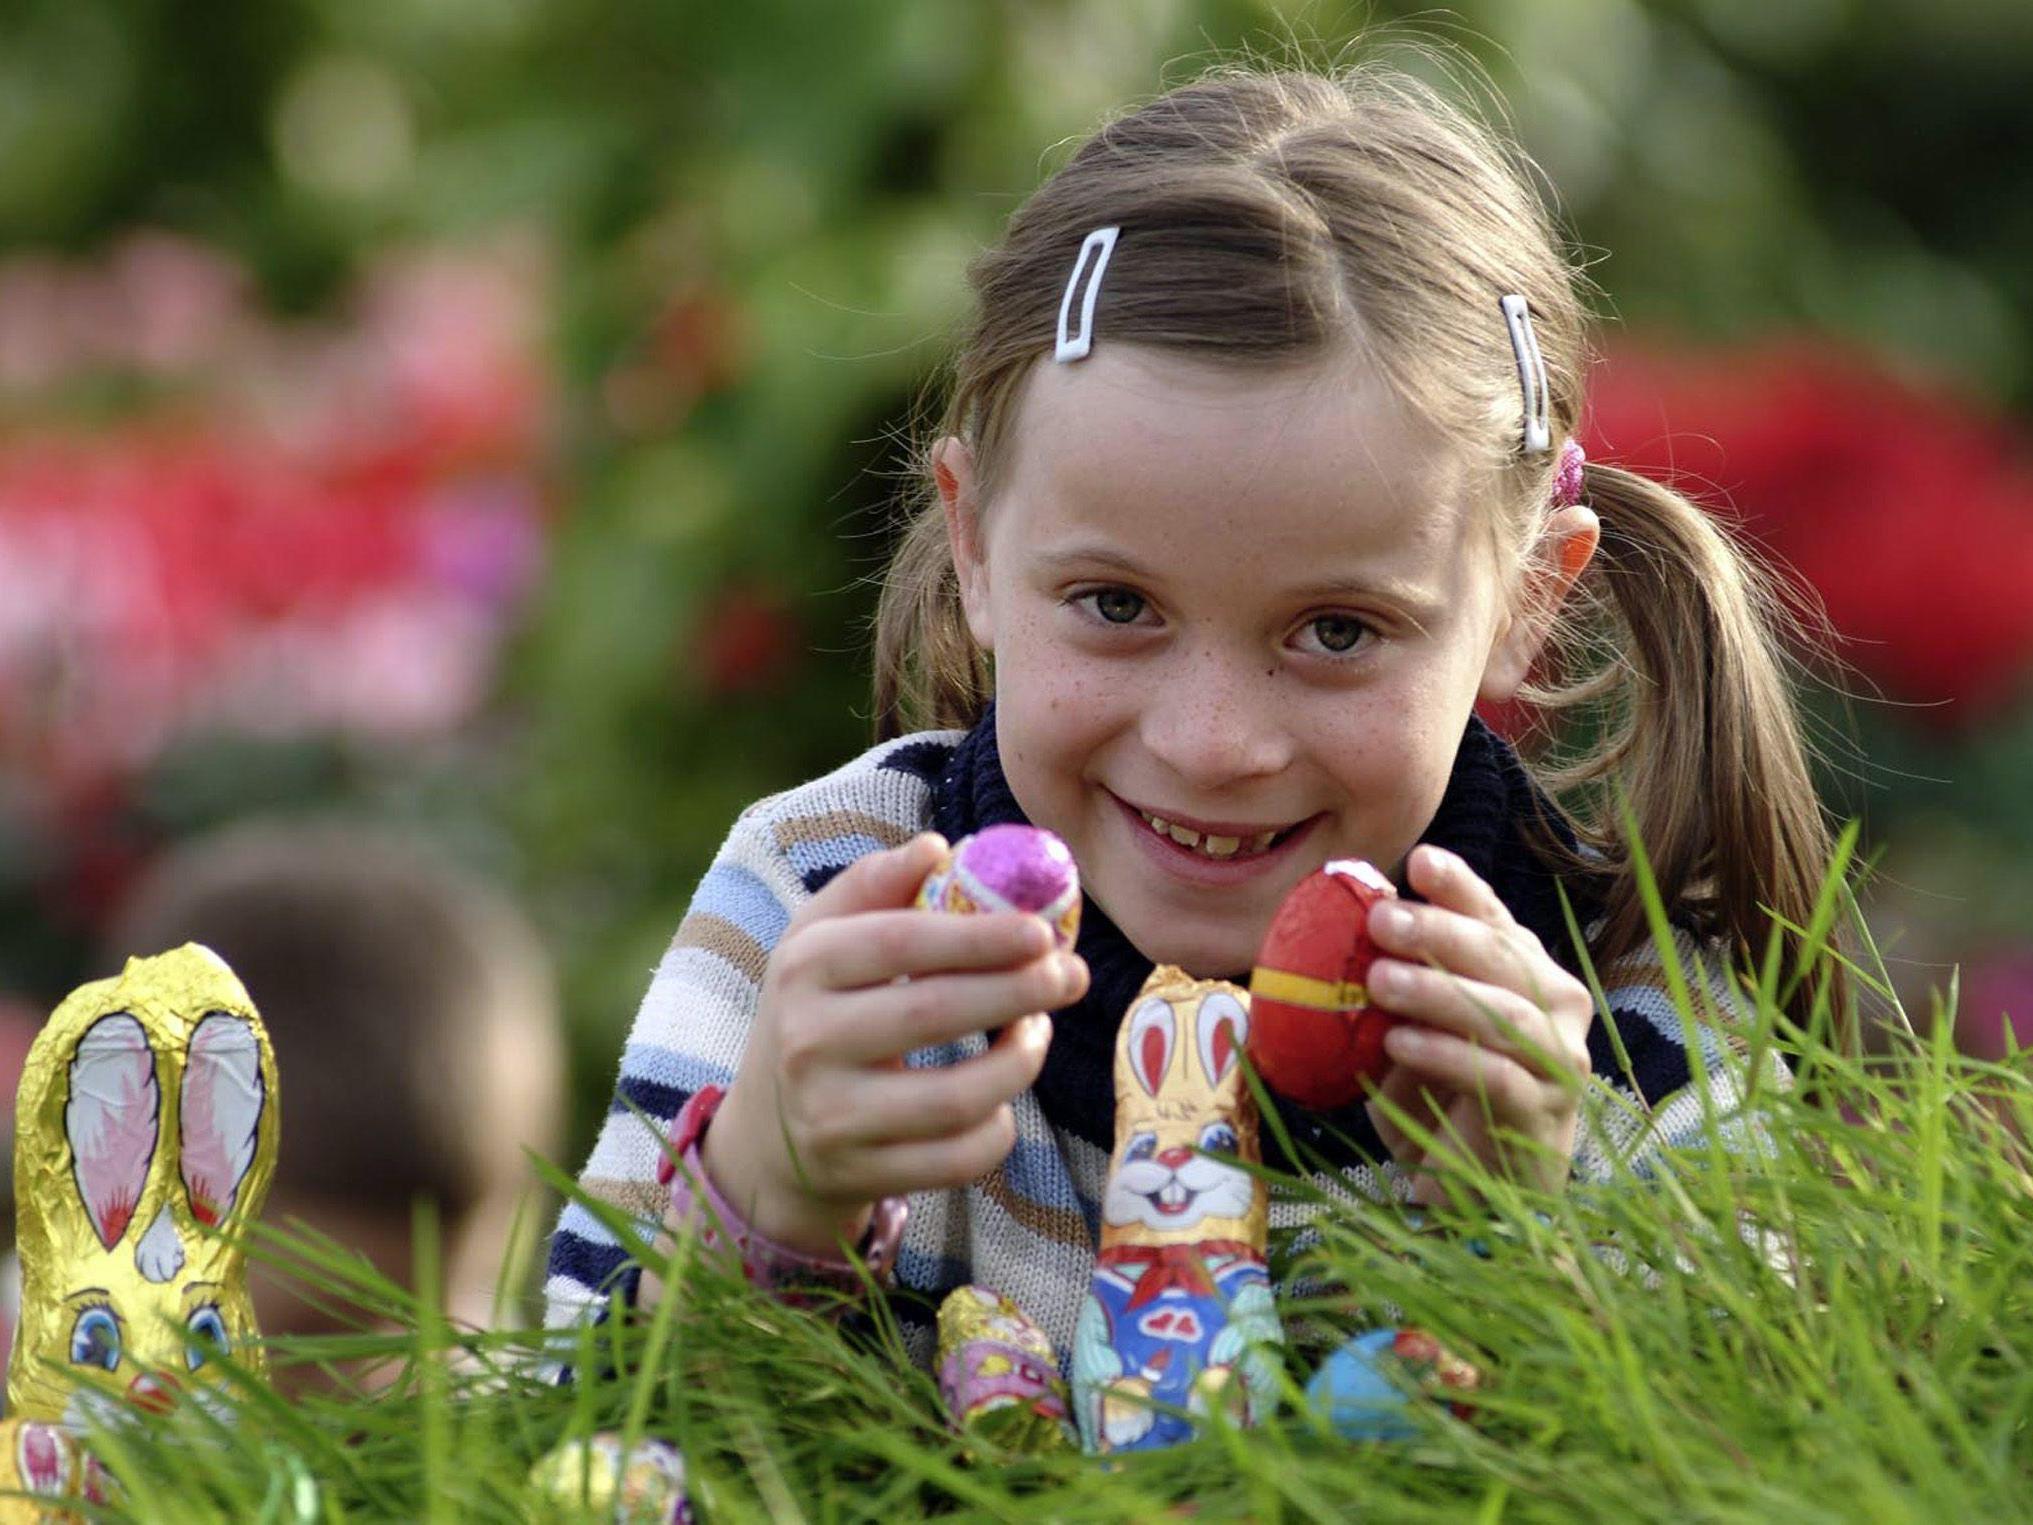 Die Kinder dürfen hierzulande wieder nach Schokohasen und Eiern im Garten suchen.